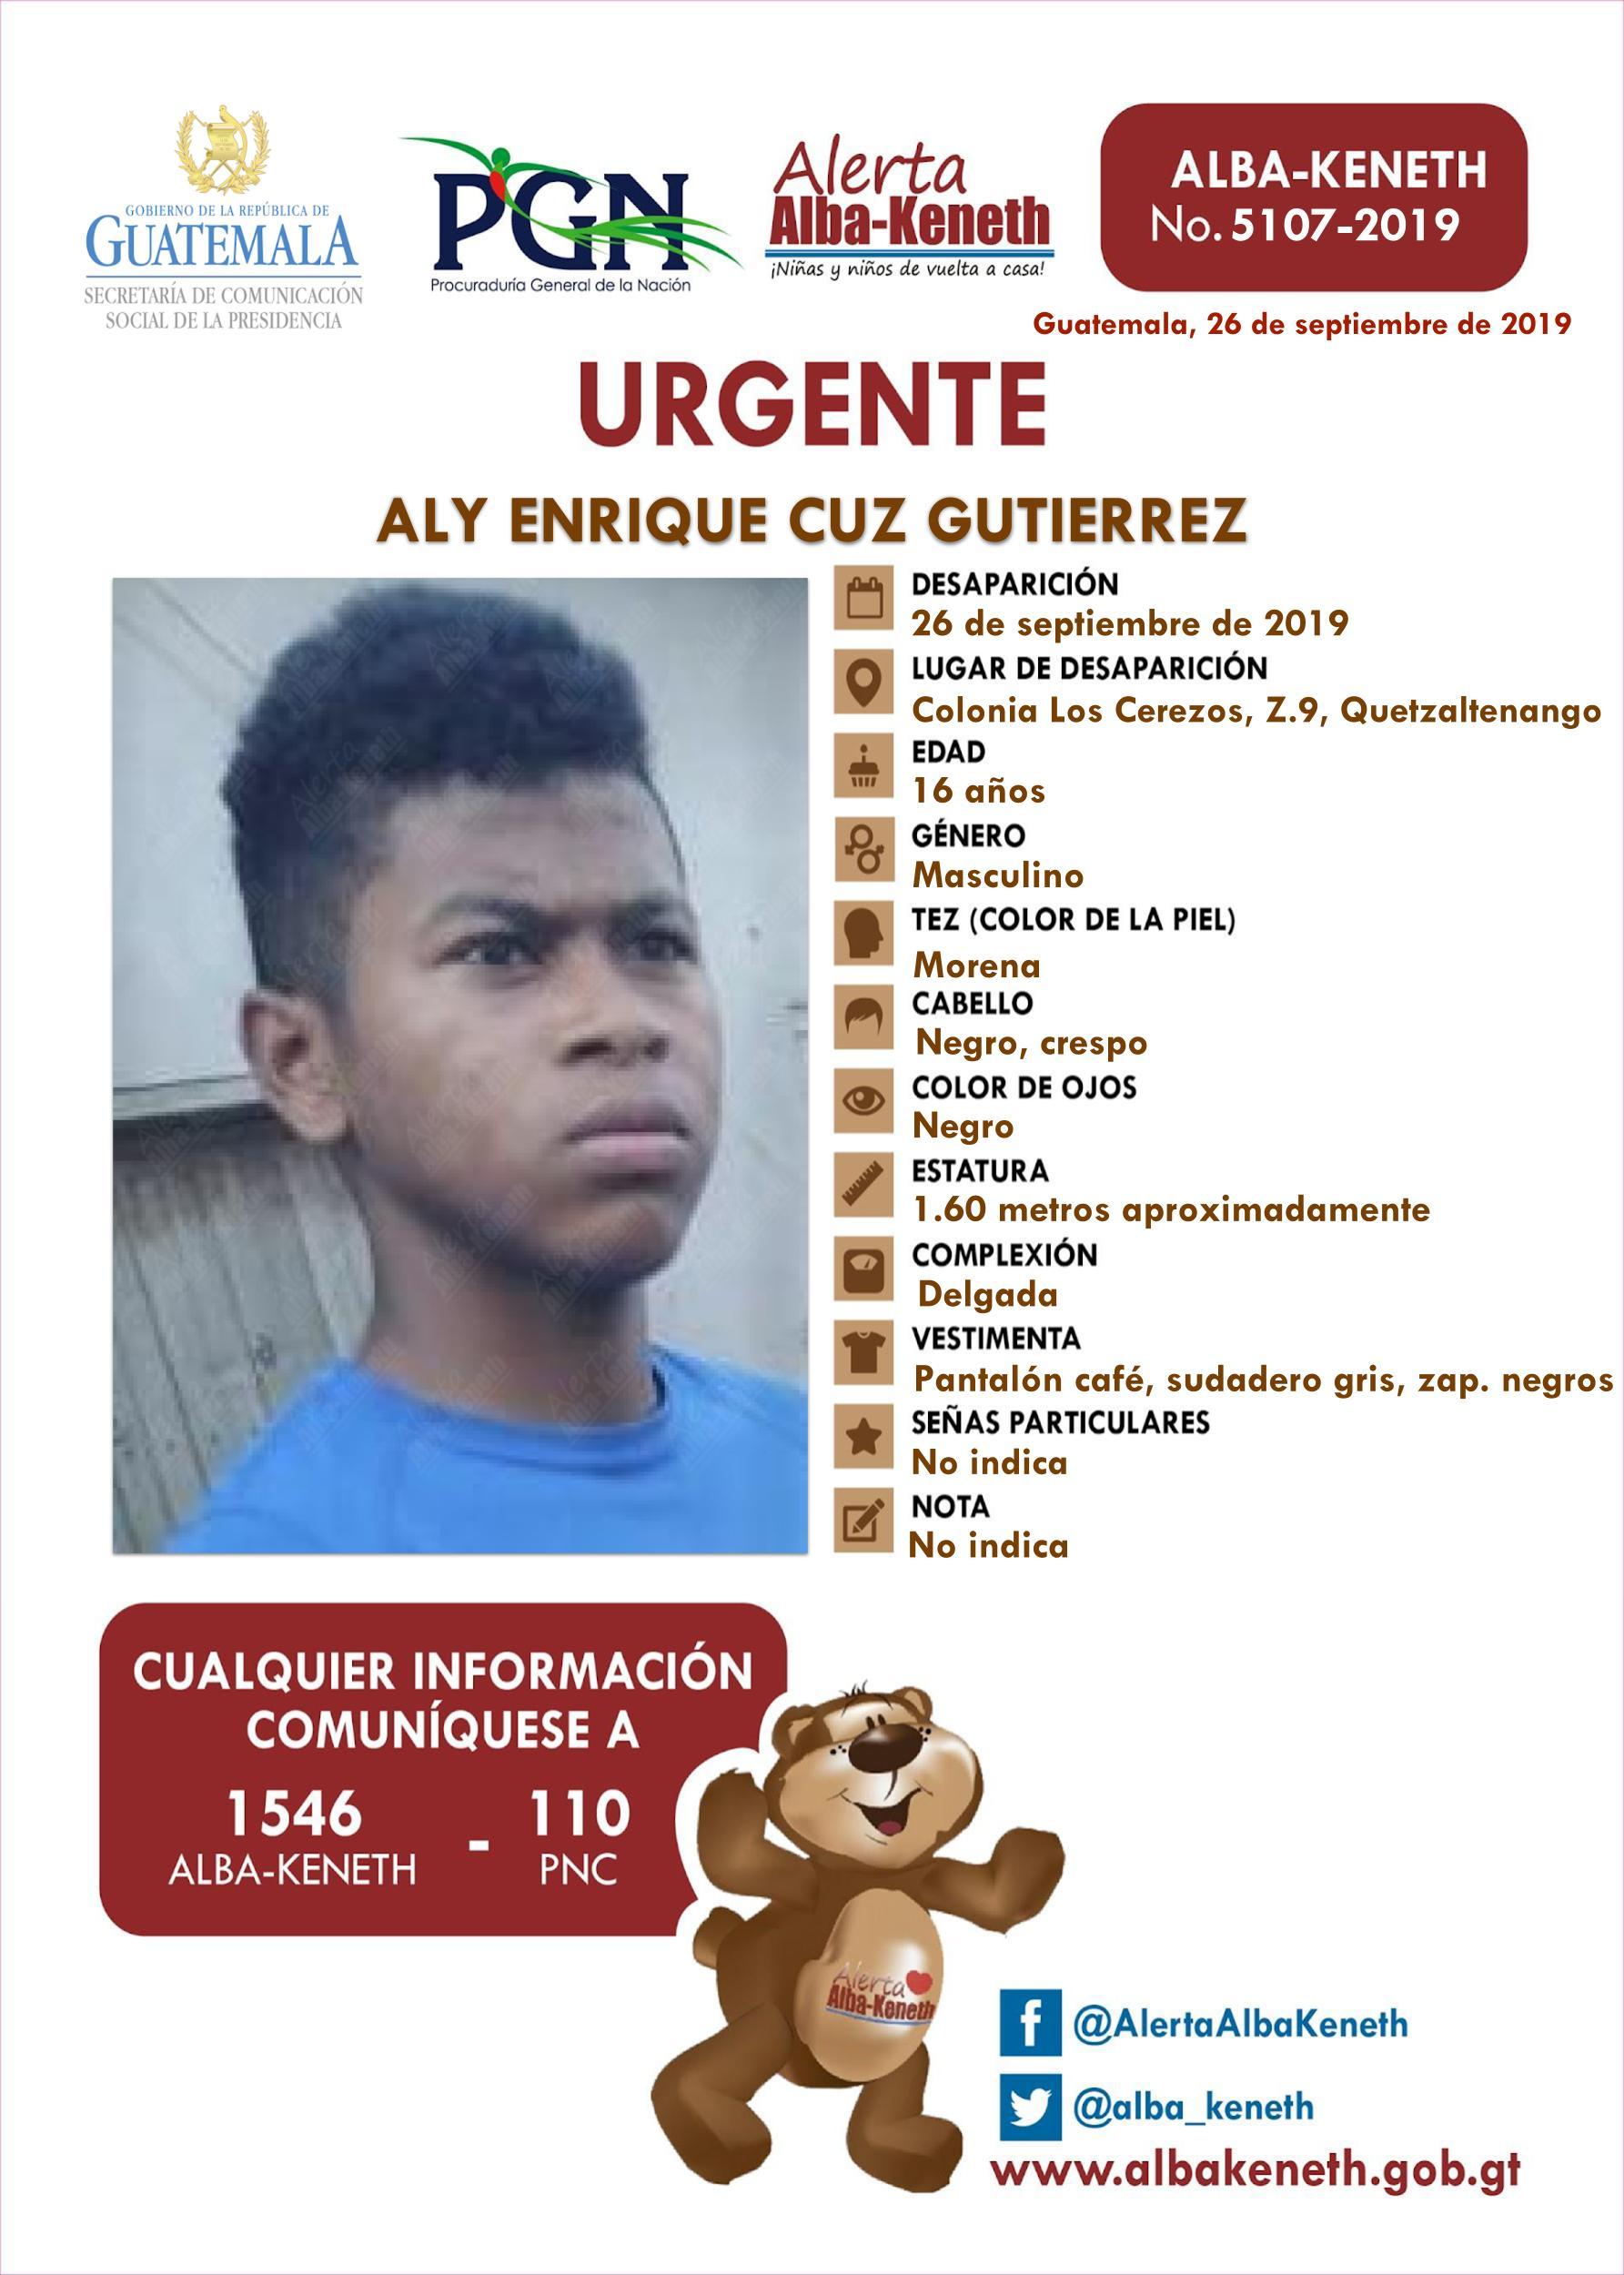 Aly Enrique Cuz Gutierrez